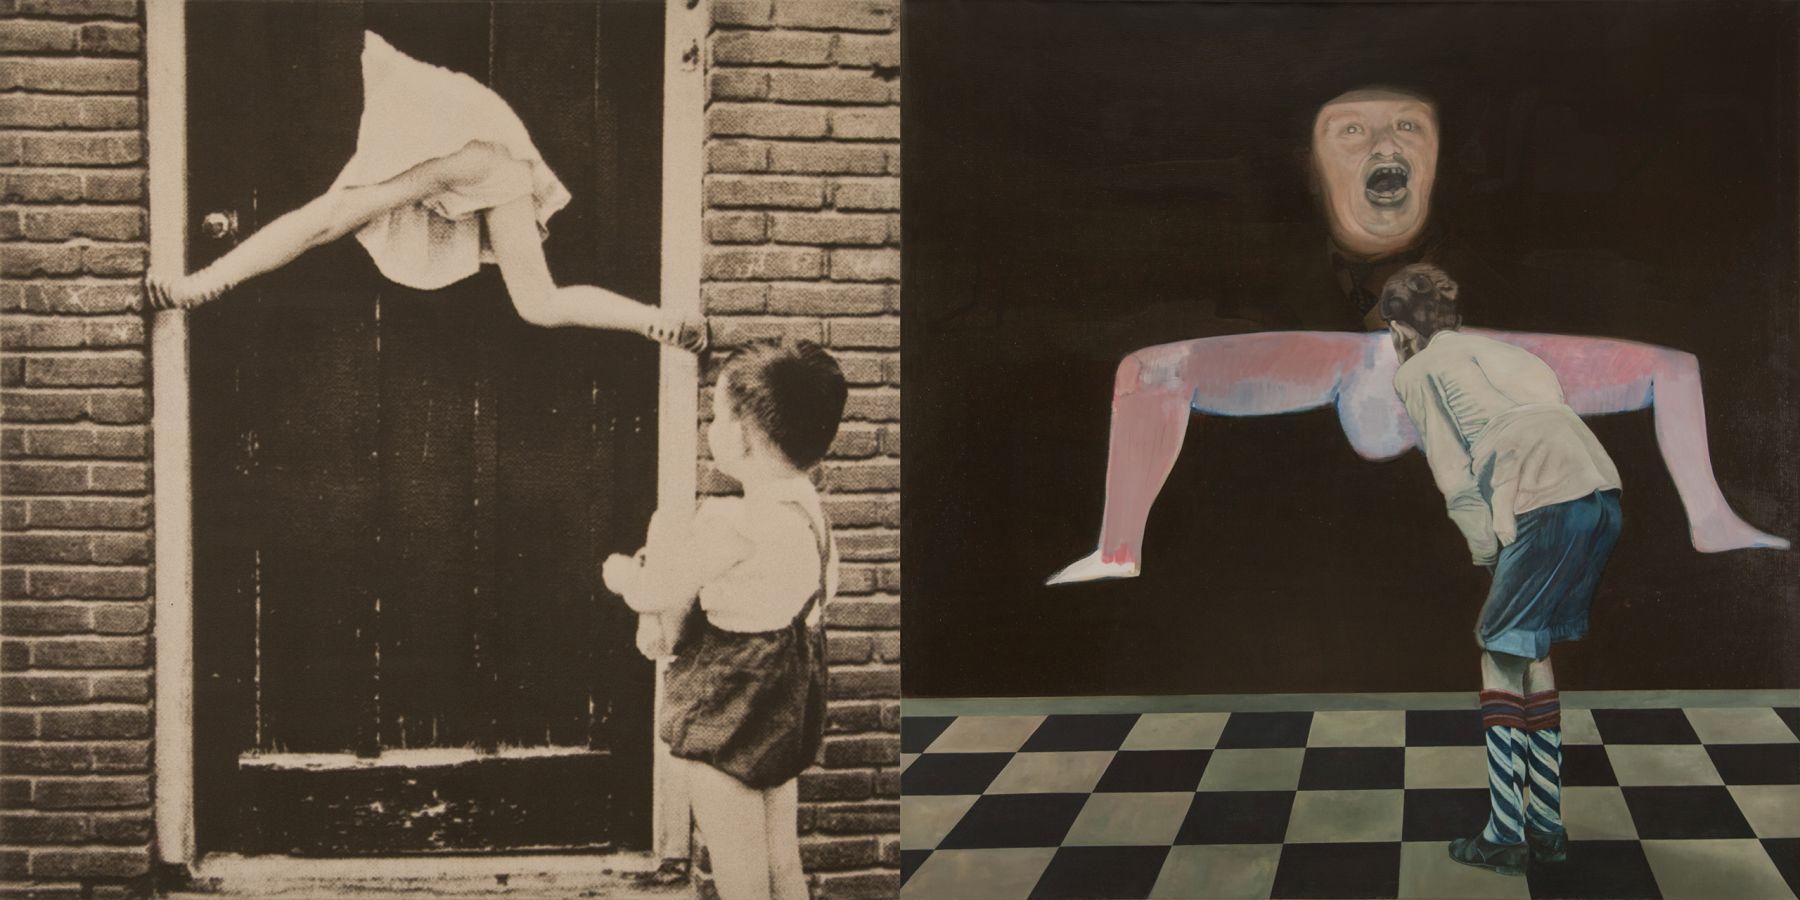 23. Neighbors, 1997, acrylic/oil/print/canvas, 200 x 400 cm